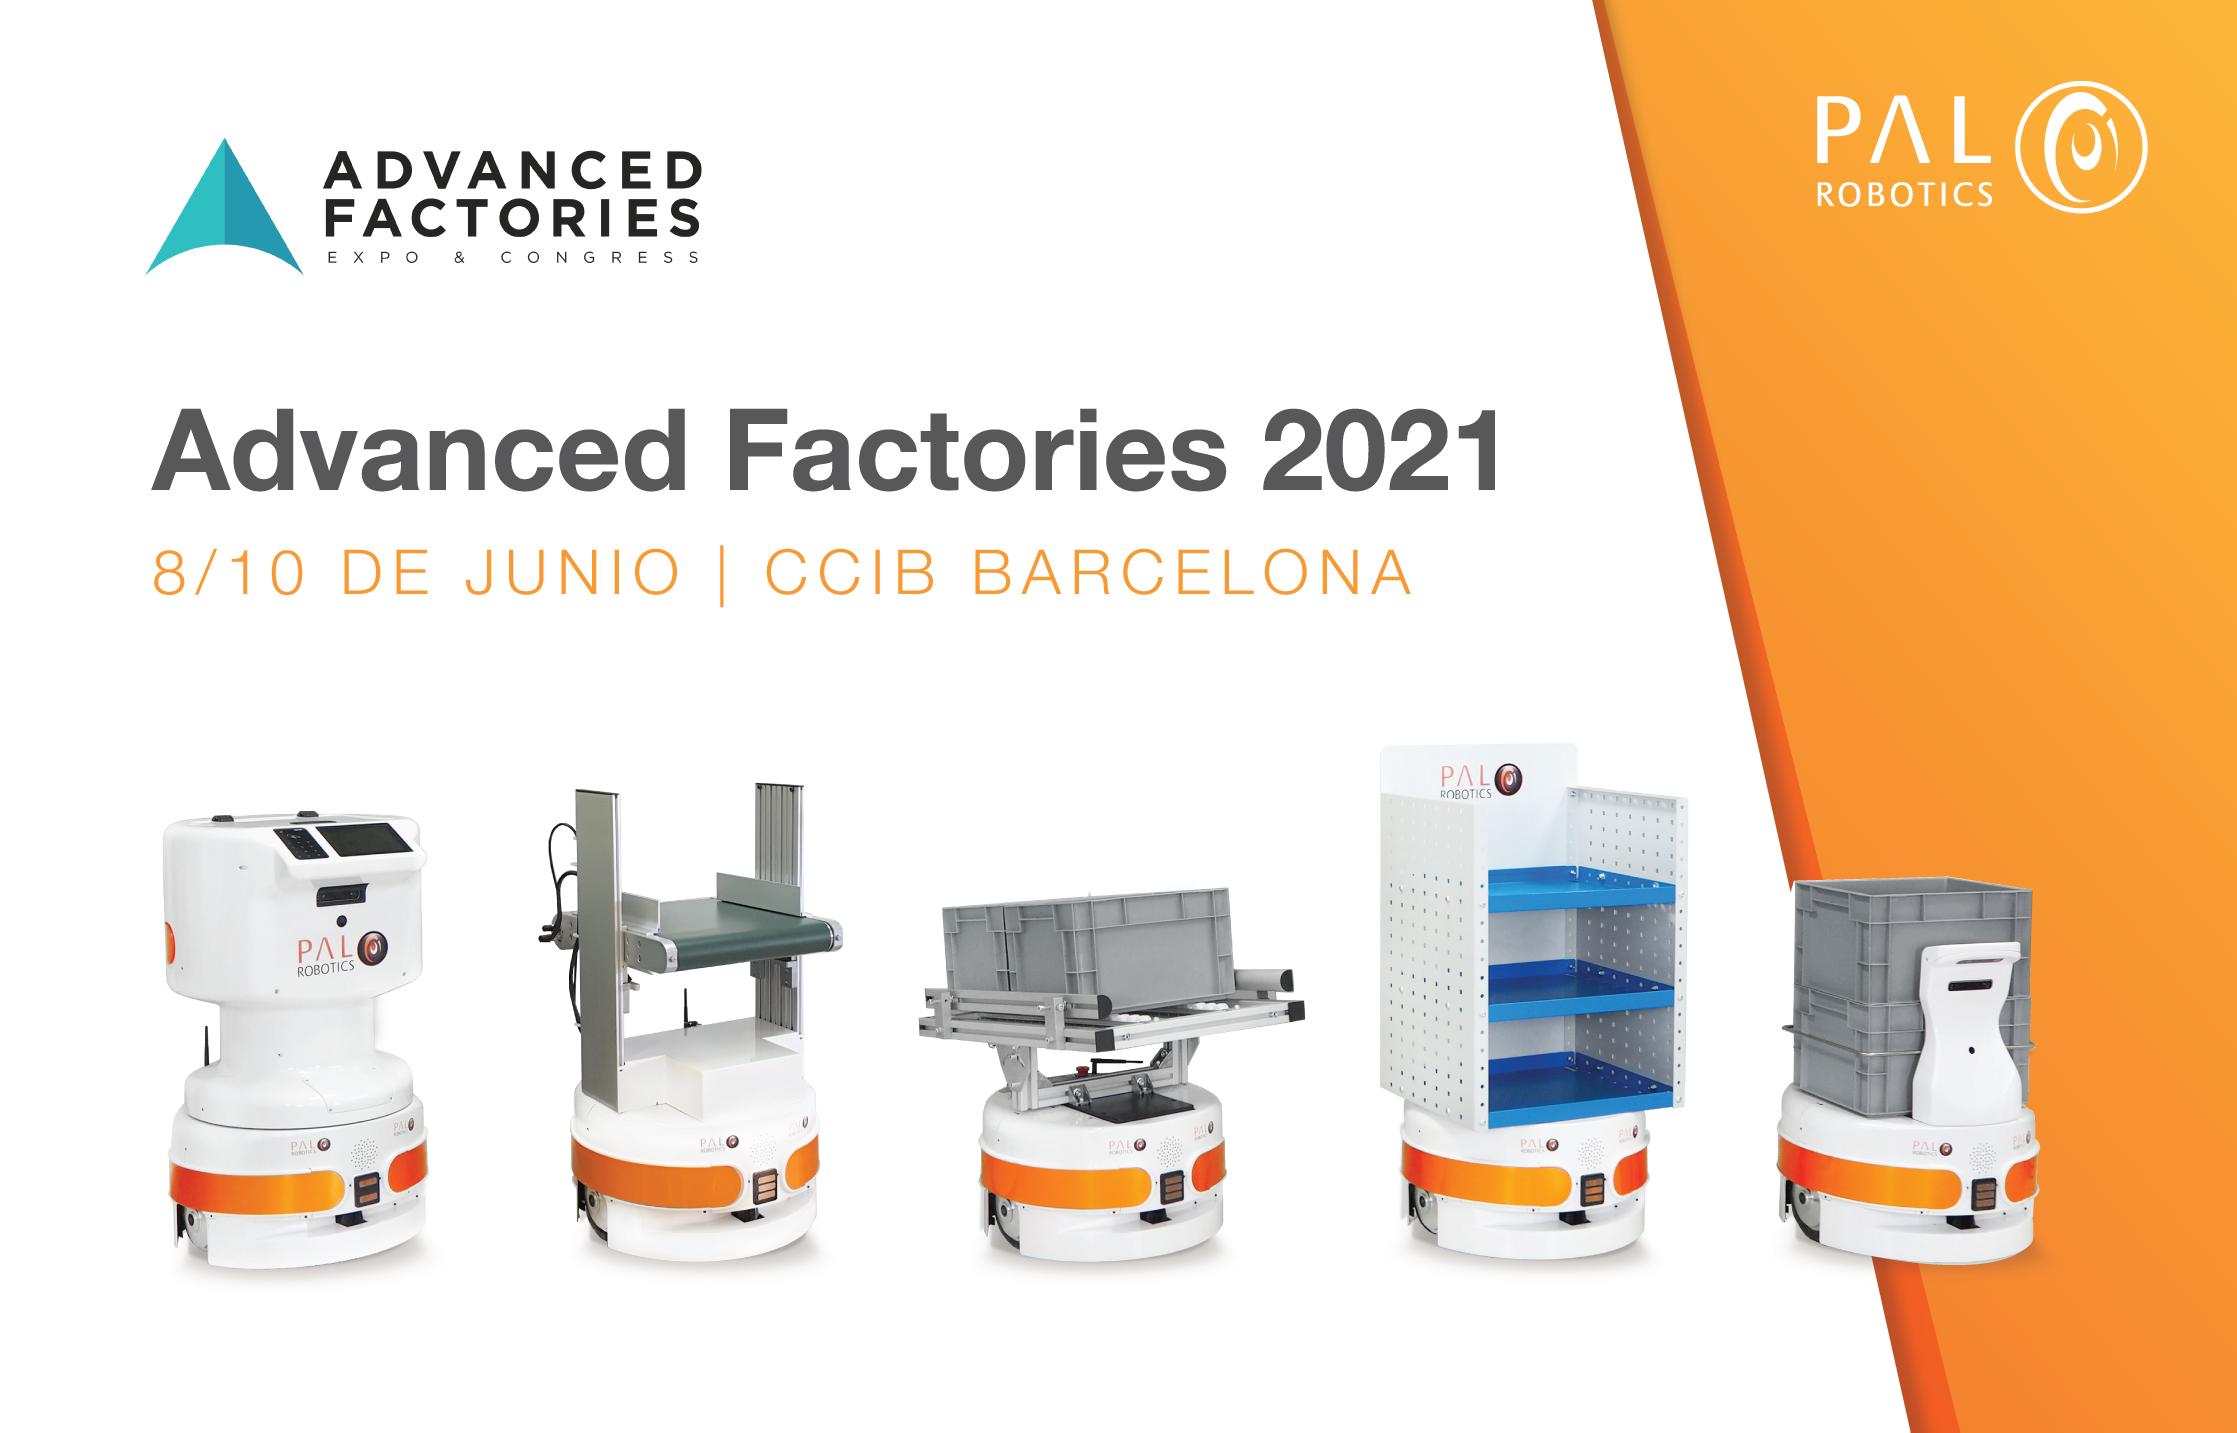 Advanced Factories PAL Robotics